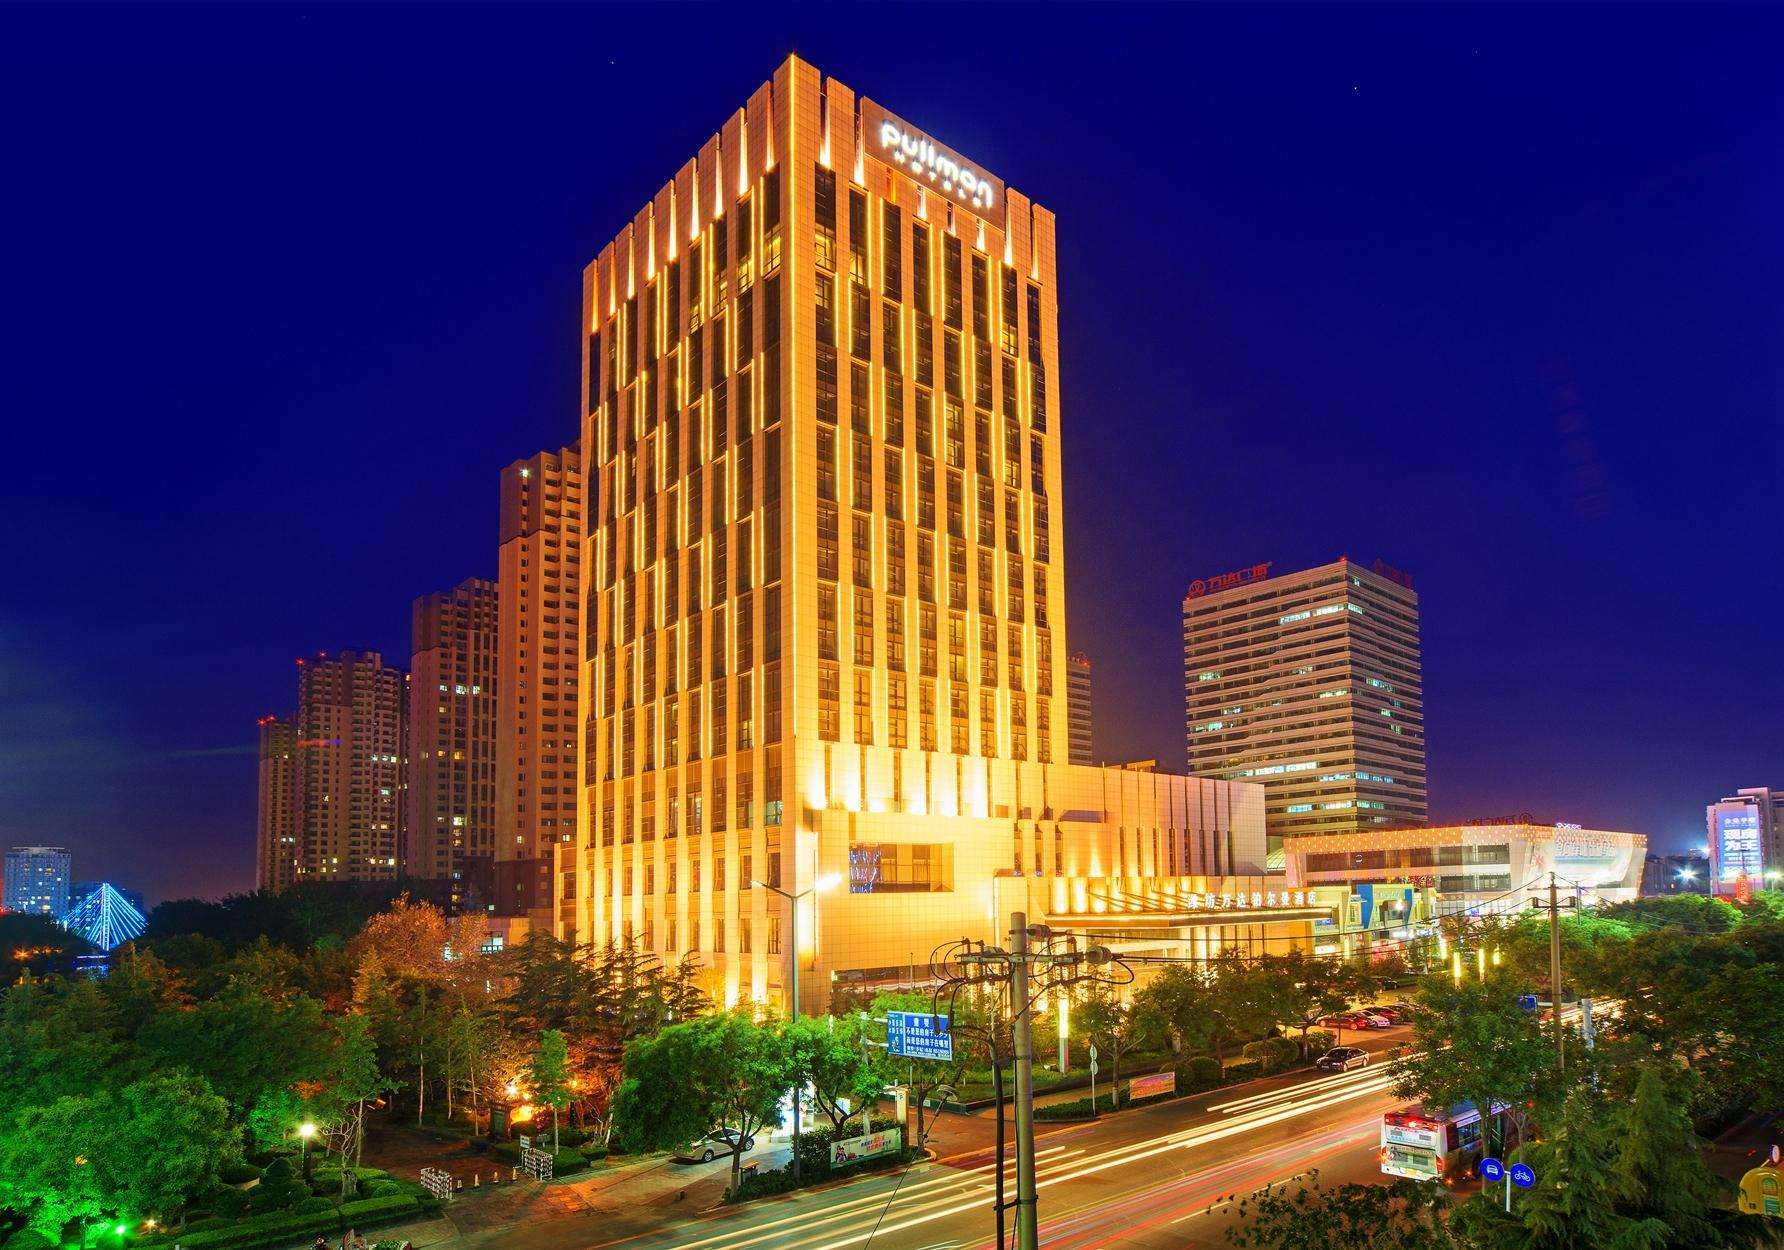 Pullman Weifang Wanda Hotel, Weifang